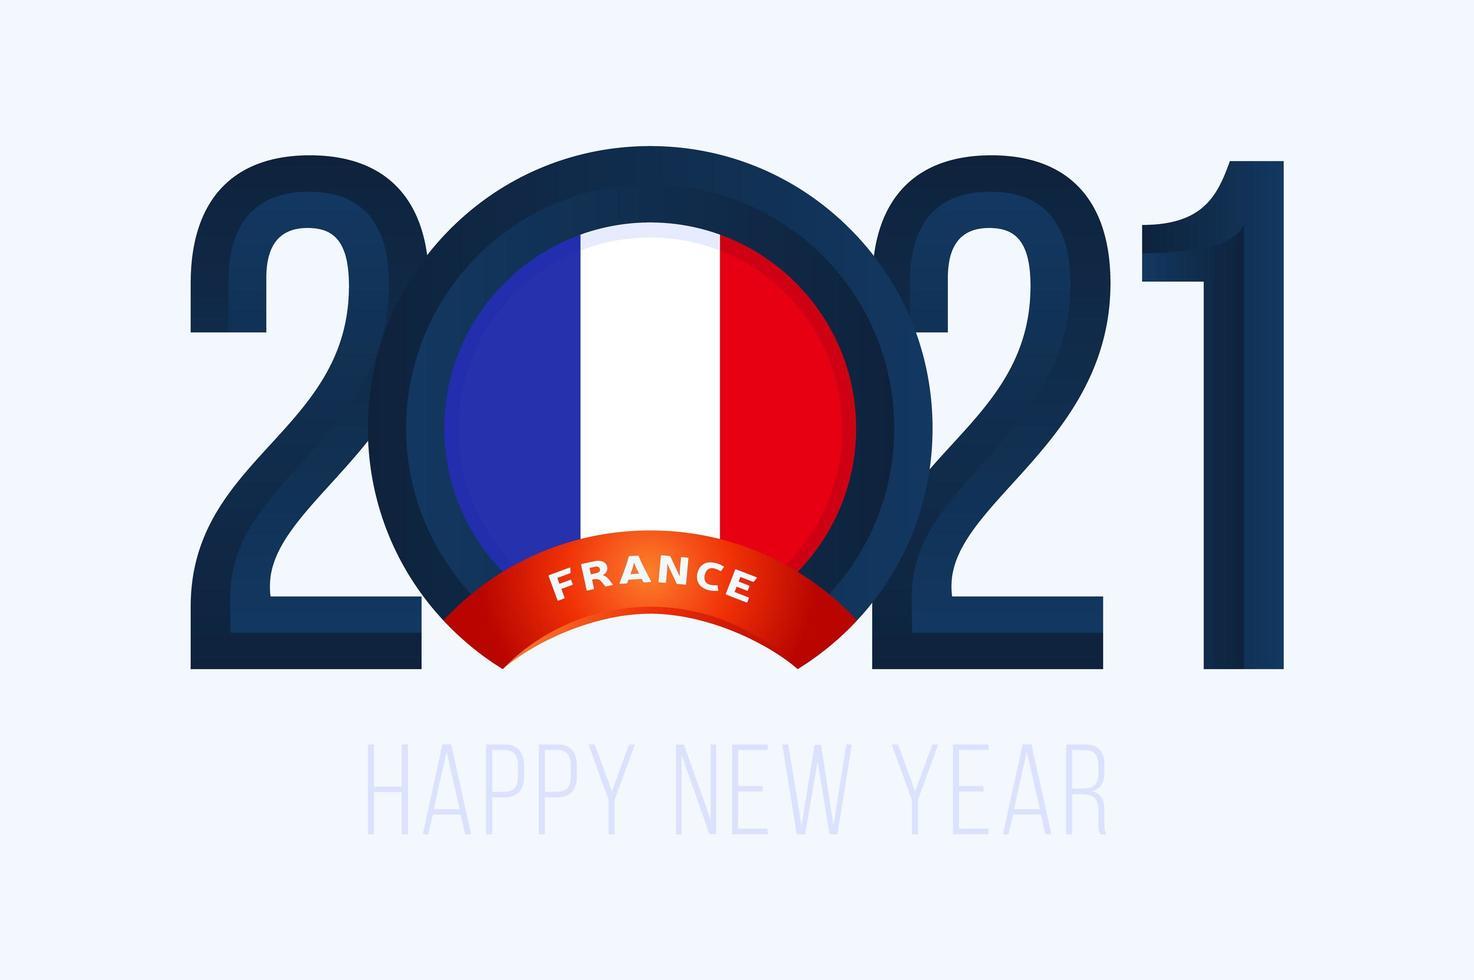 typographie du nouvel an 2021 avec le drapeau de la france vecteur